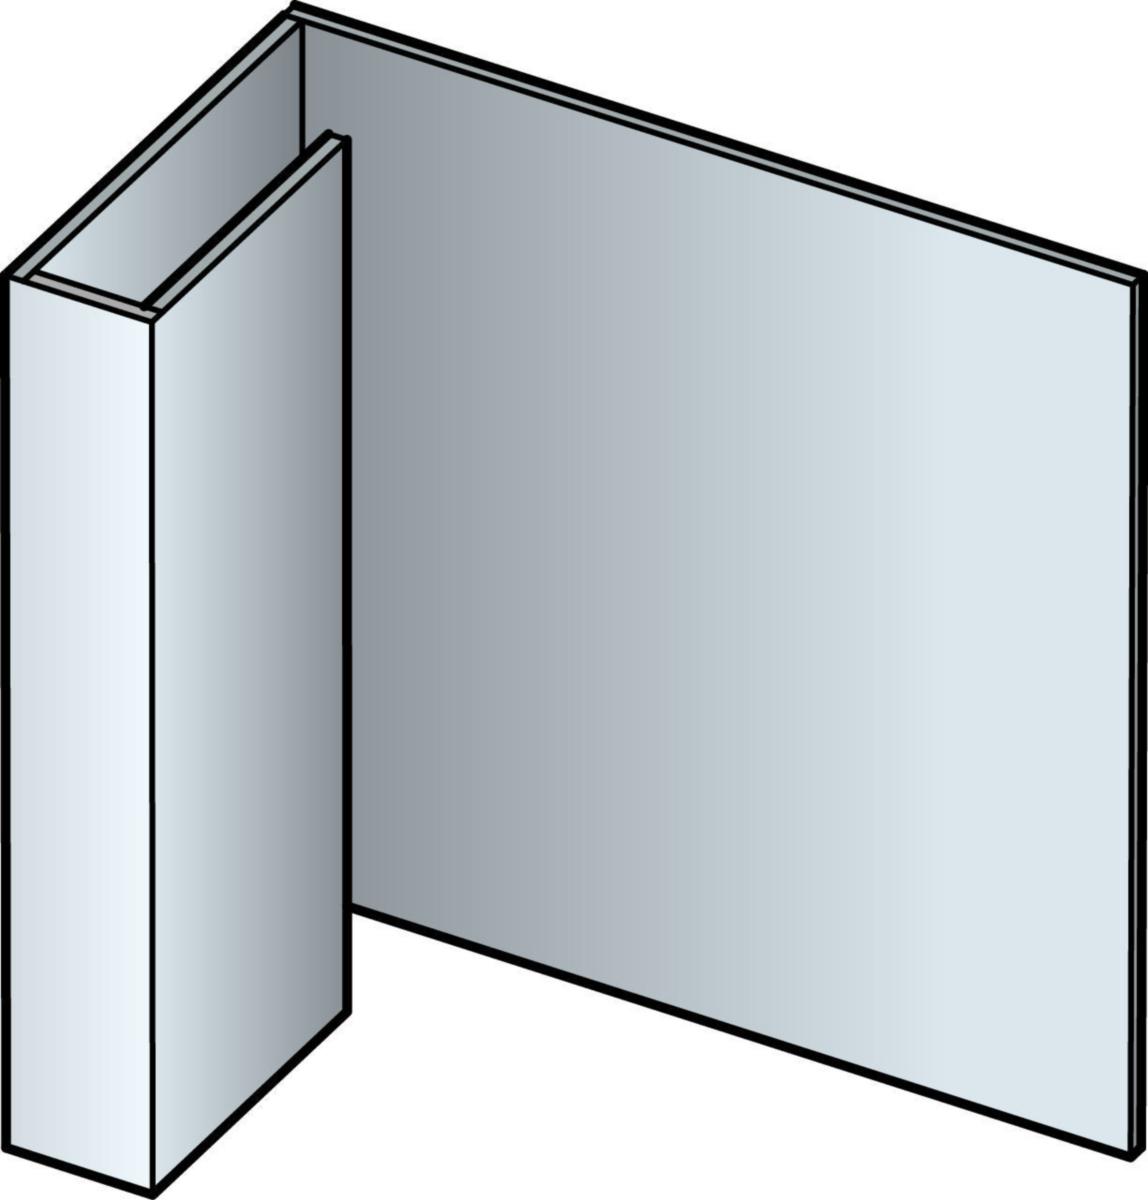 Accessoire de finition clin cedral lap profil d'arret alu coloré - 3ml coloris C01 à C10 - réf 22